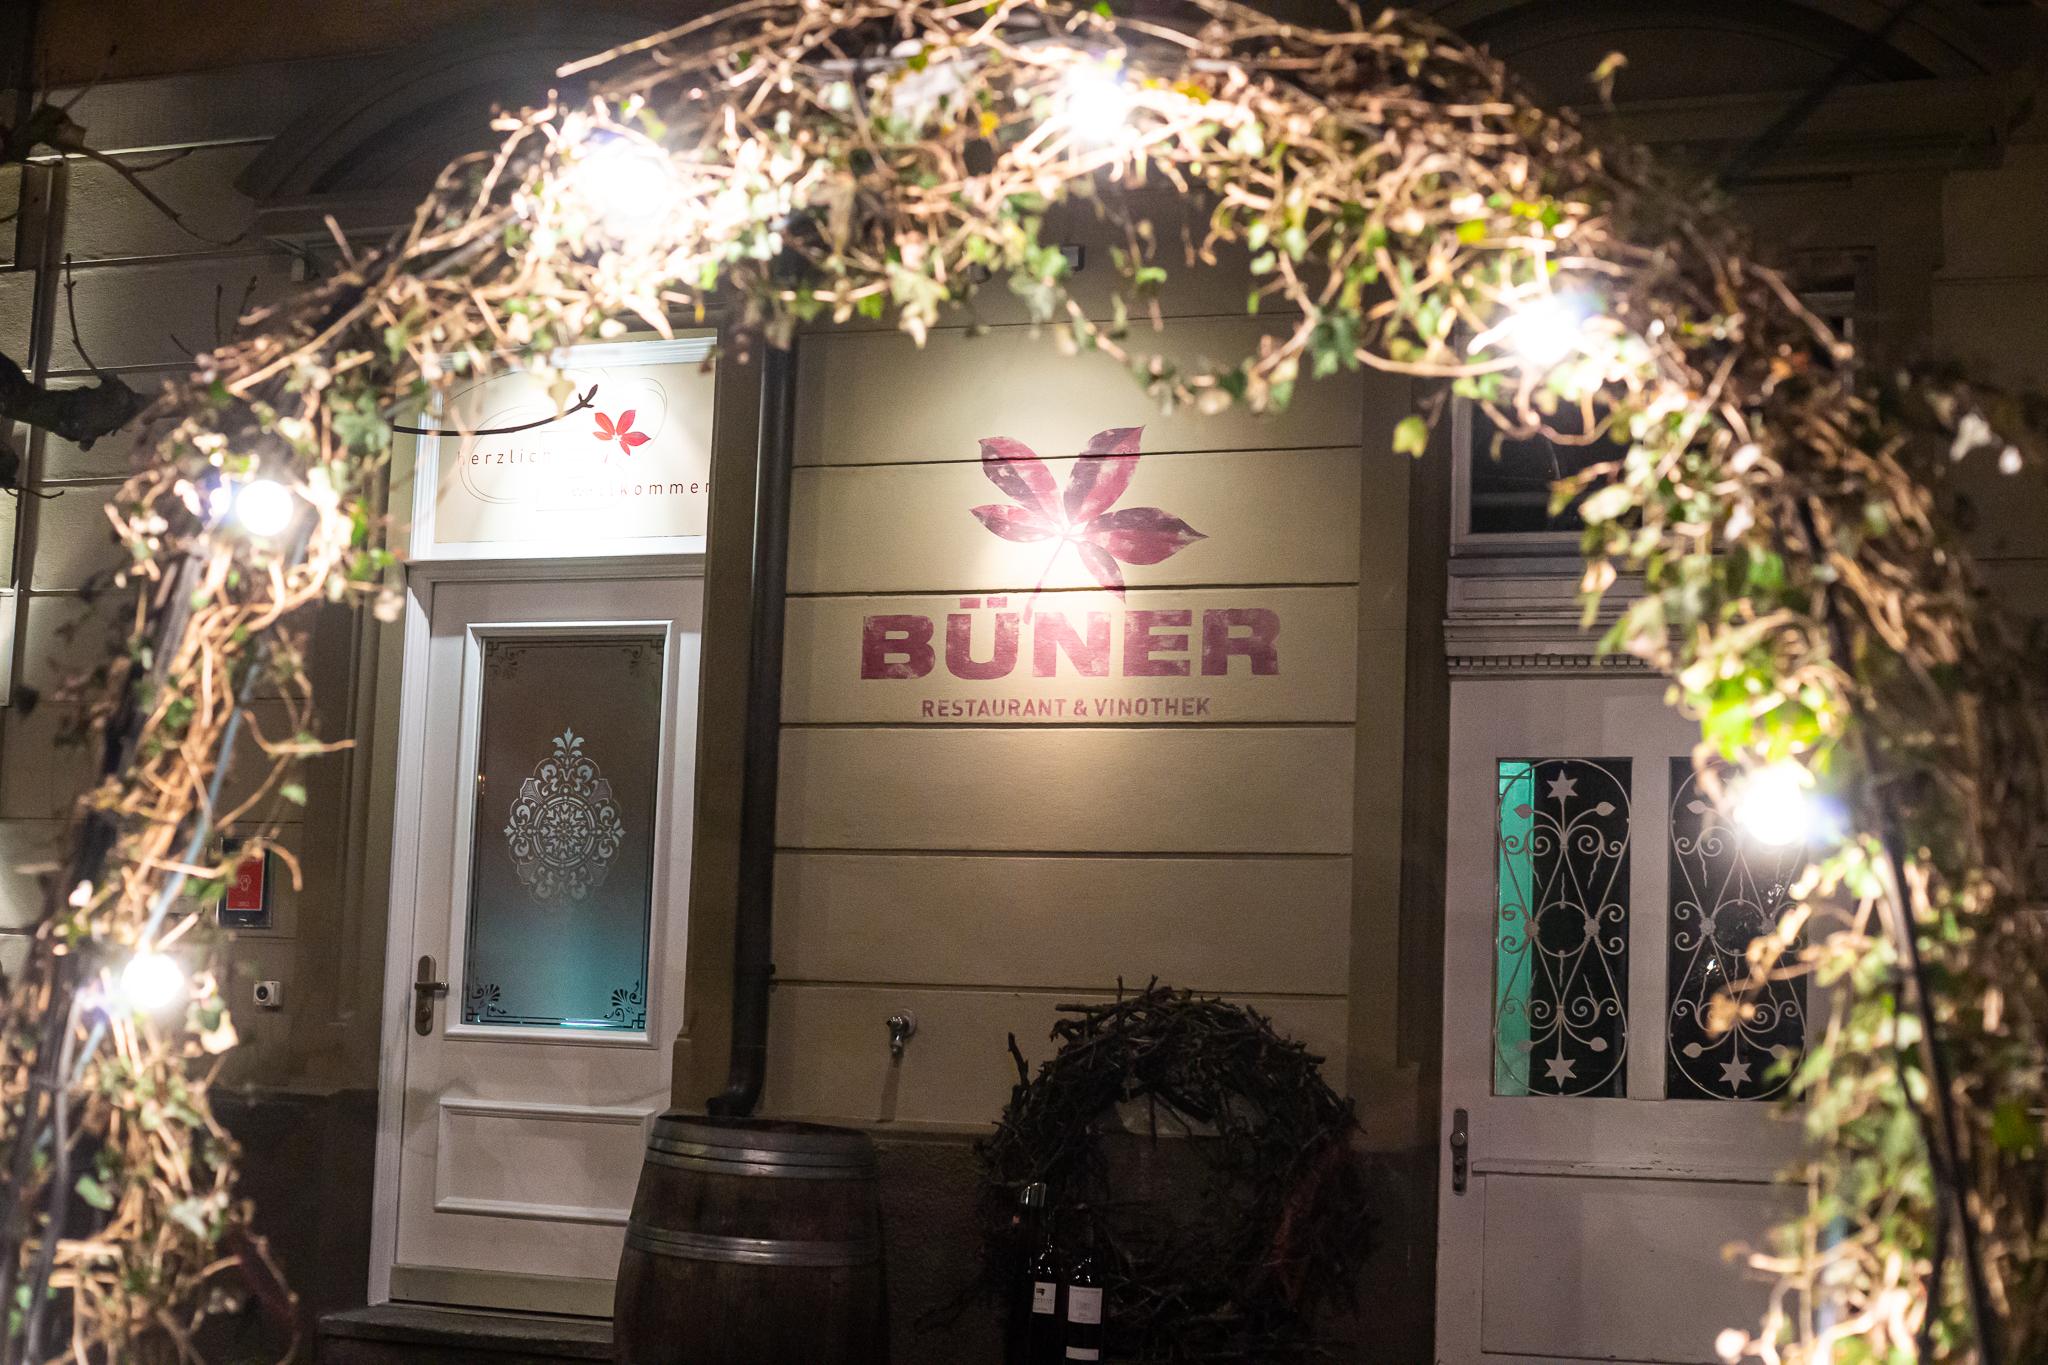 Büner Restaurant und Vinothek